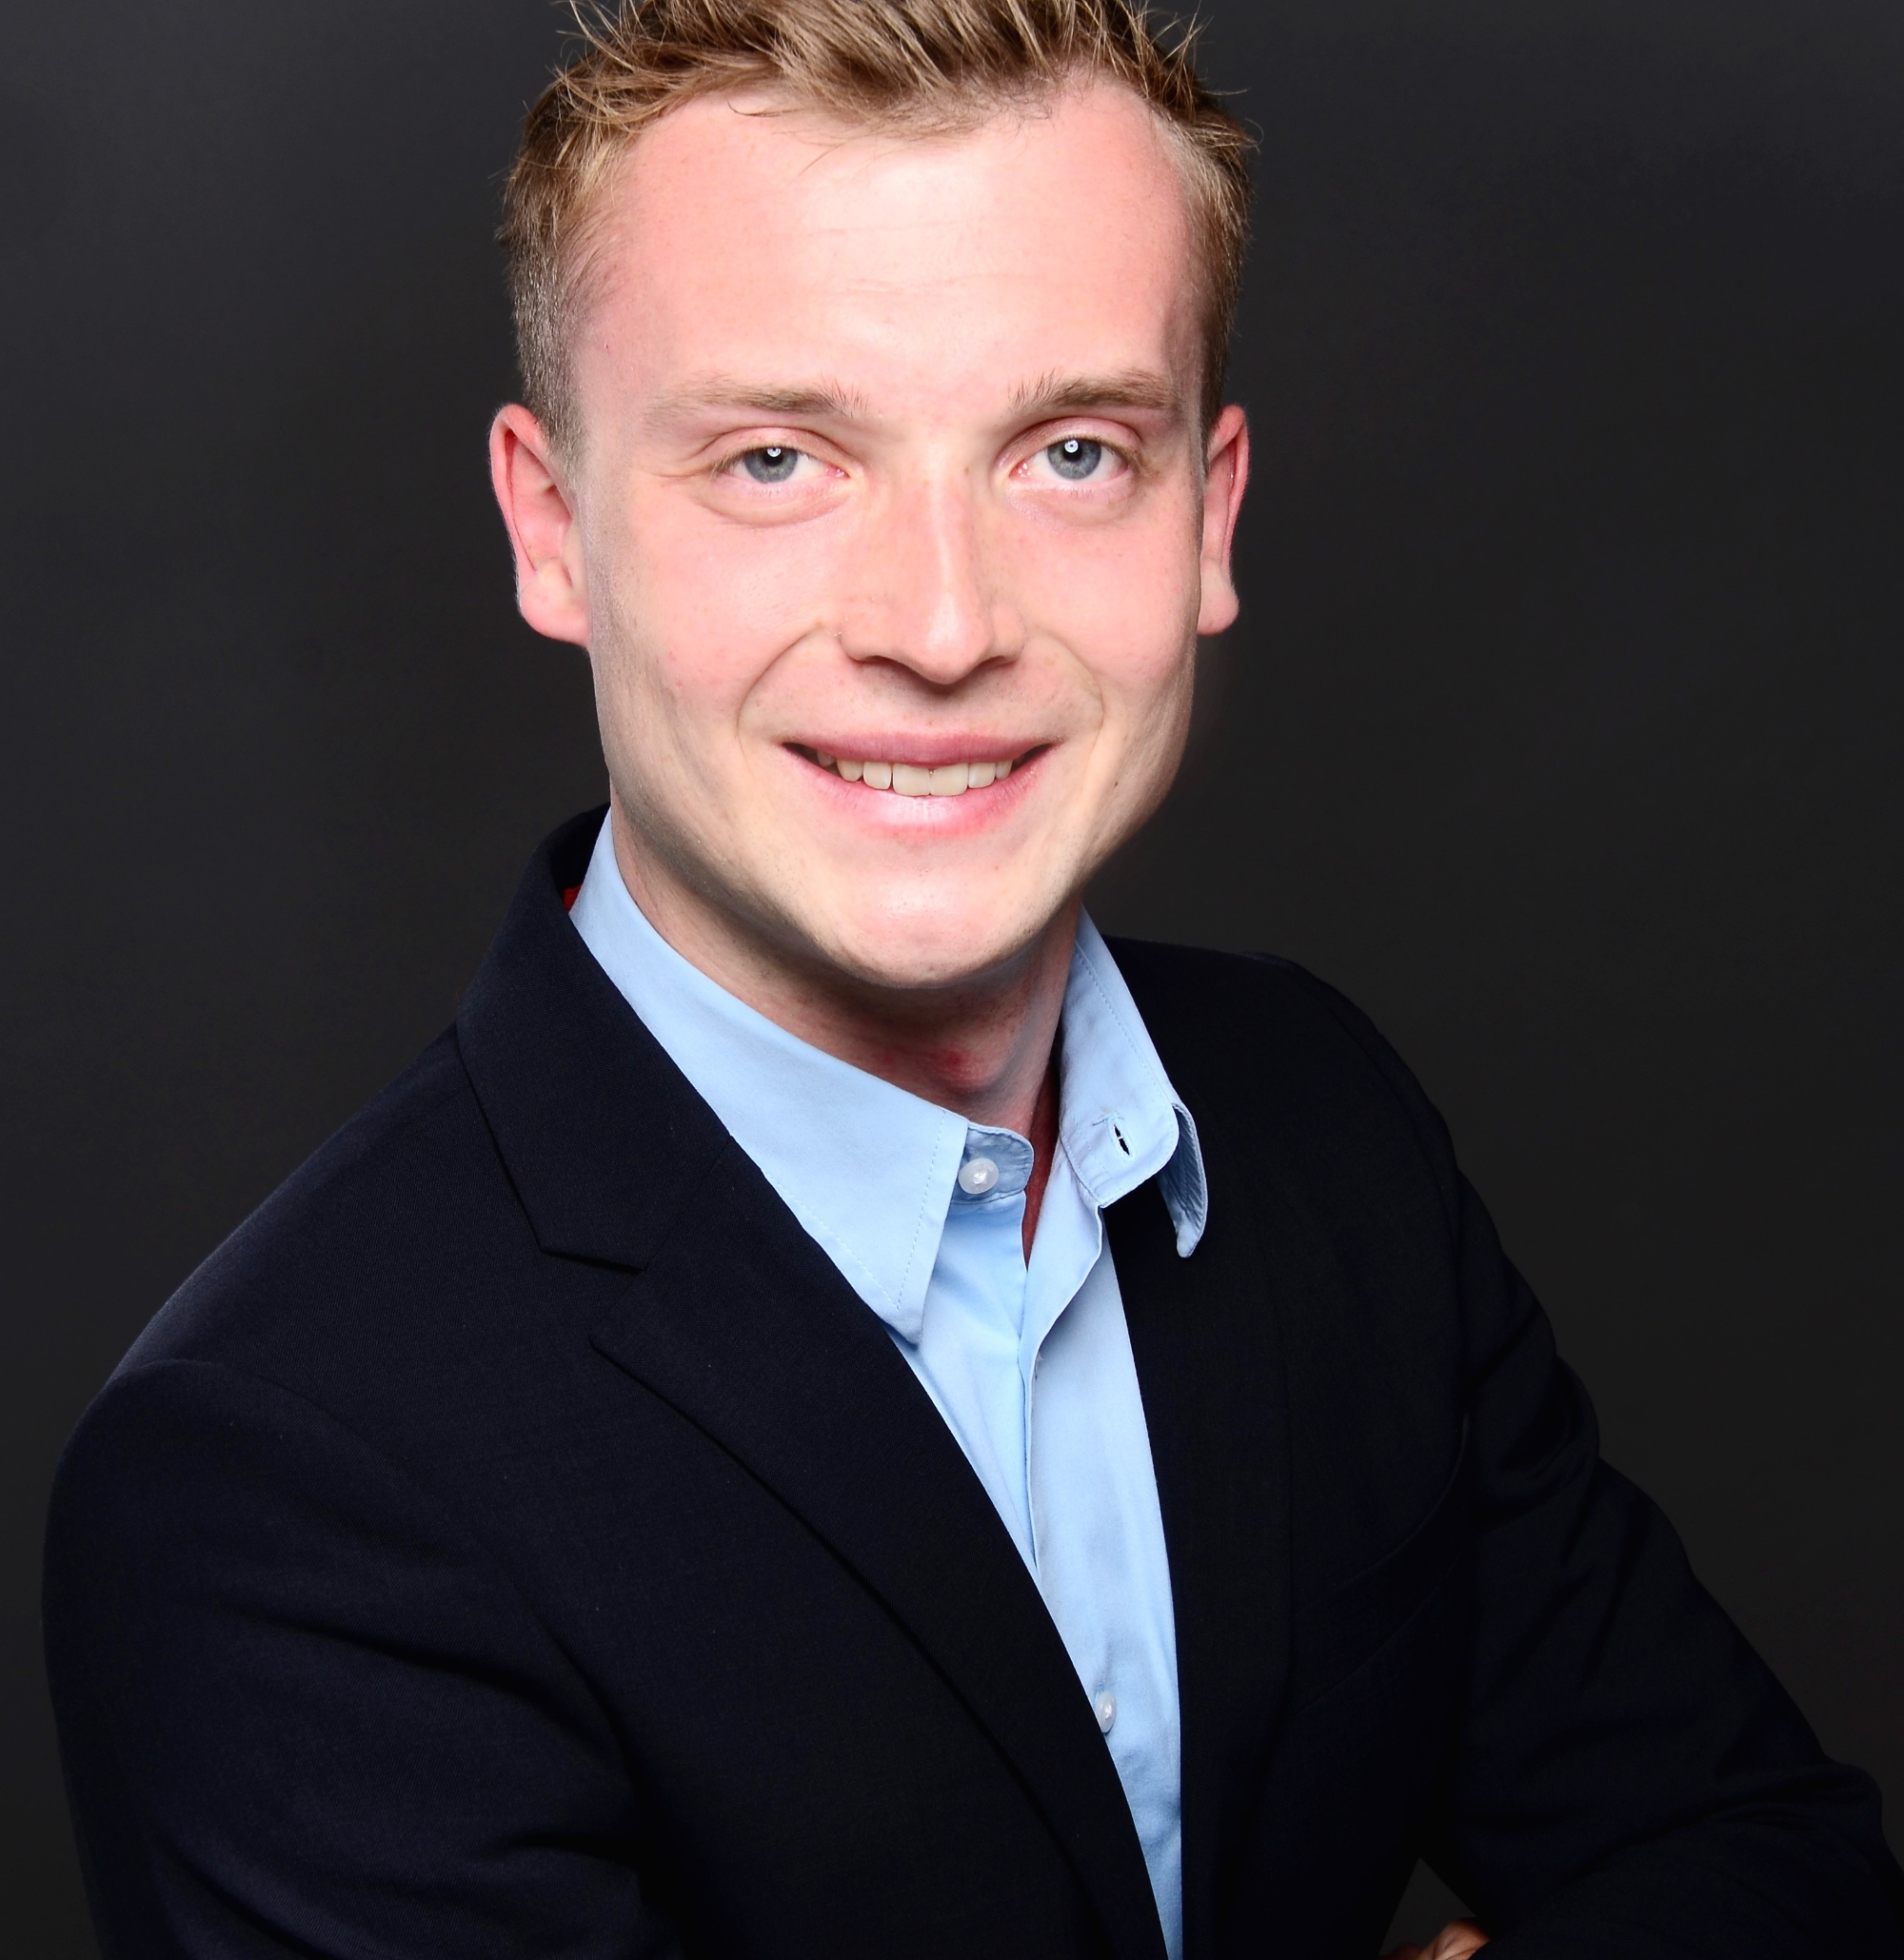 Marco Weippert, B.A.